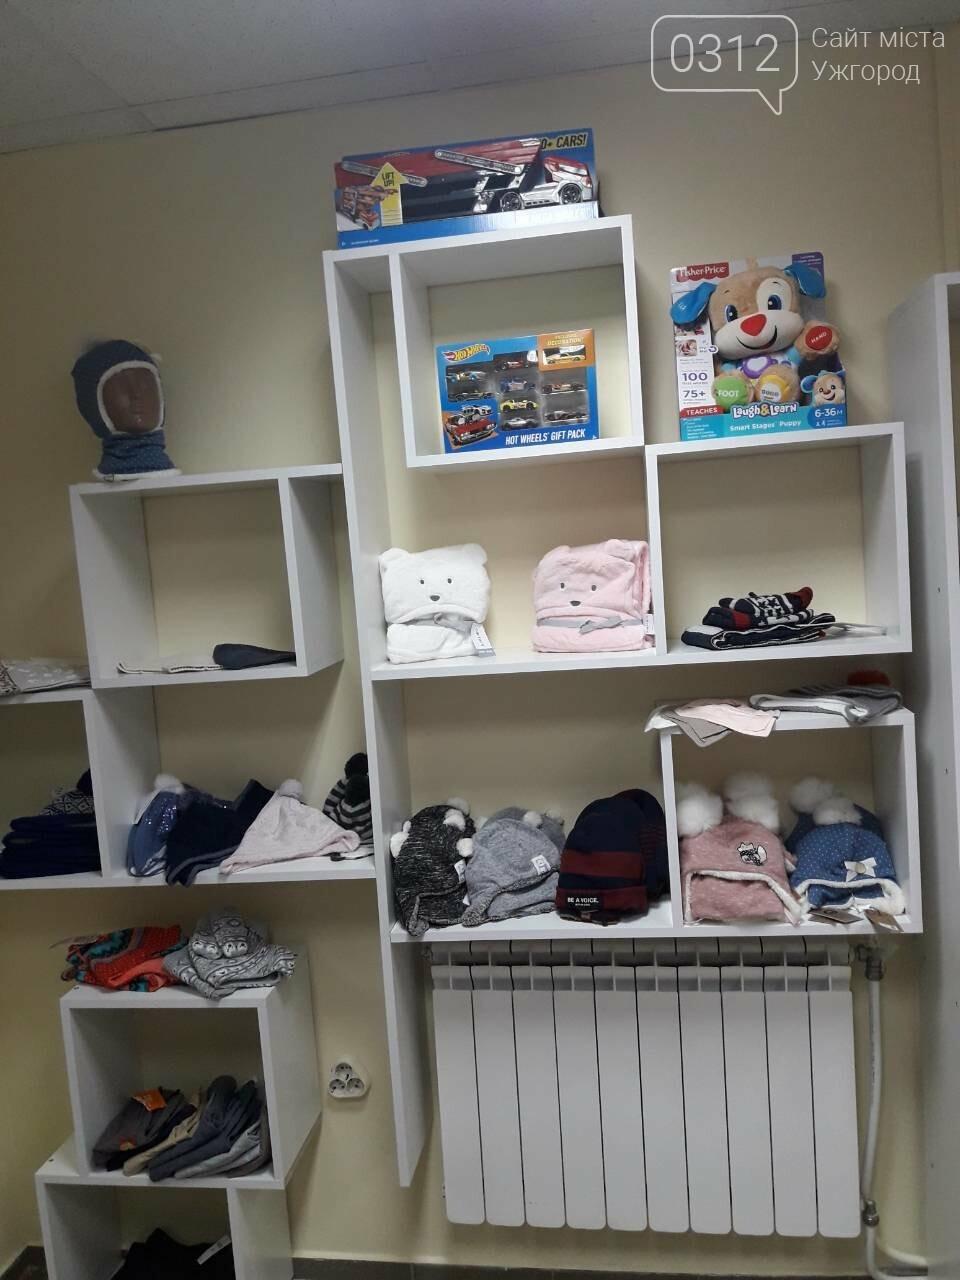 ЗНИЖКИ до -70%: 1-го грудня в Ужгороді відчиняється магазин дитячого одягу «WESTERN BRANDS» (ФОТО), фото-7